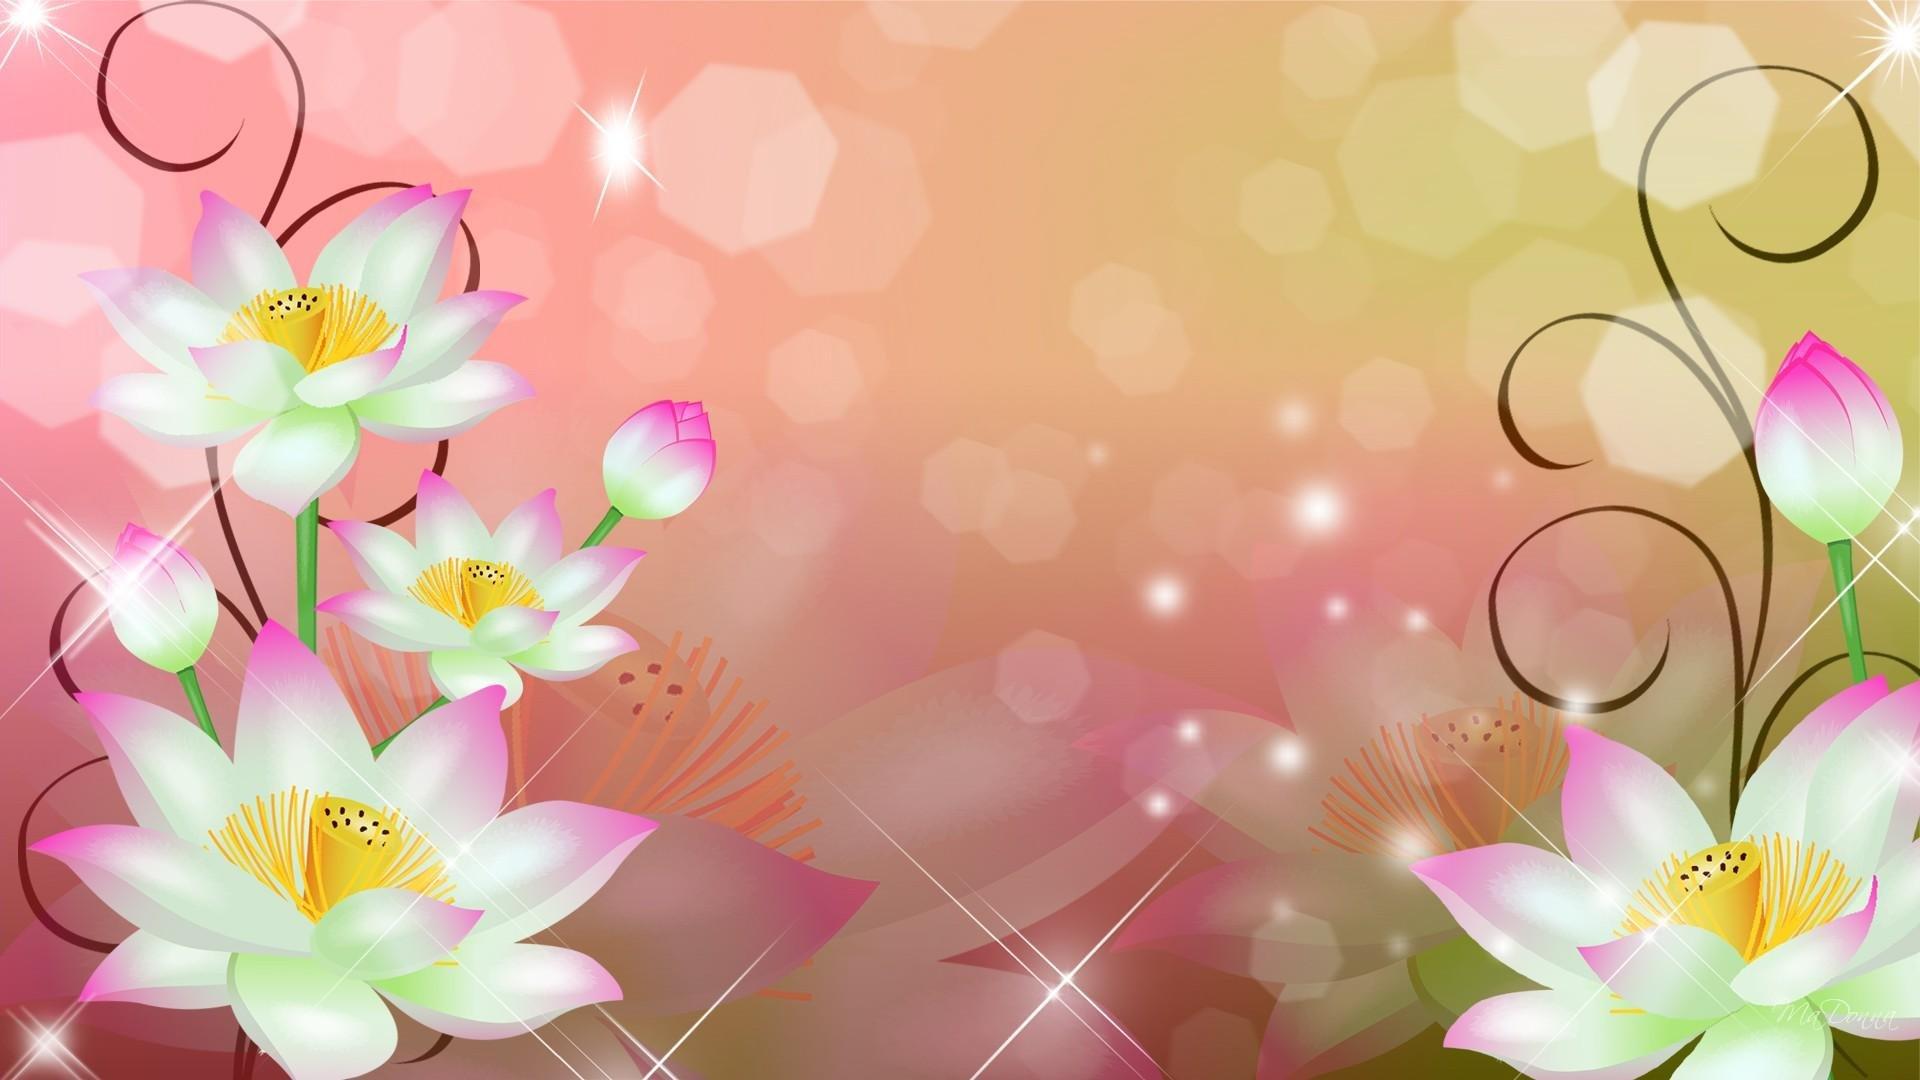 Красивые картинки с цветами для афиши нет вас